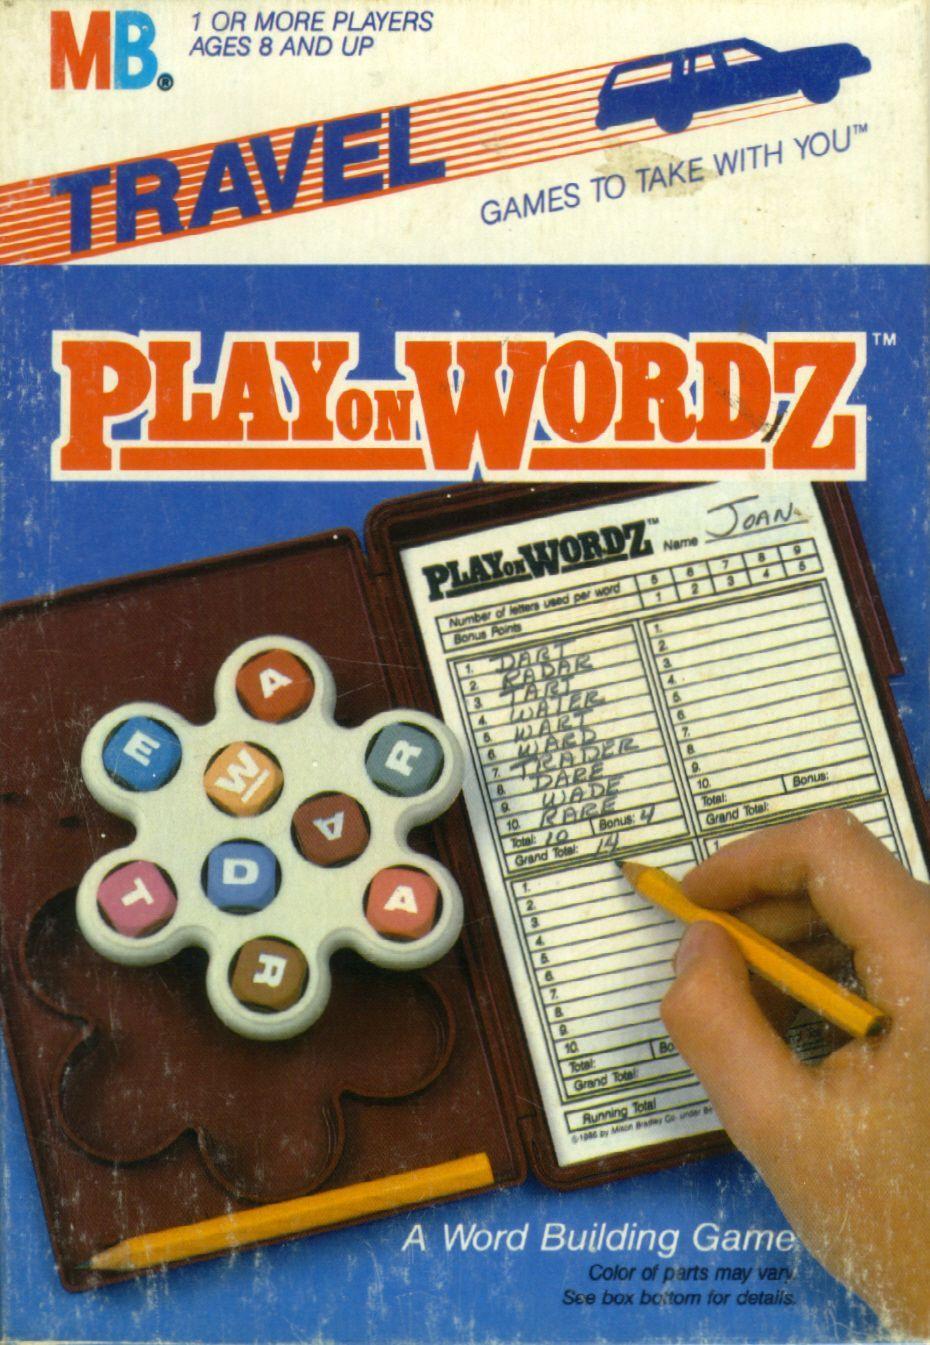 настольная игра Play on Wordz Играть на Wordz